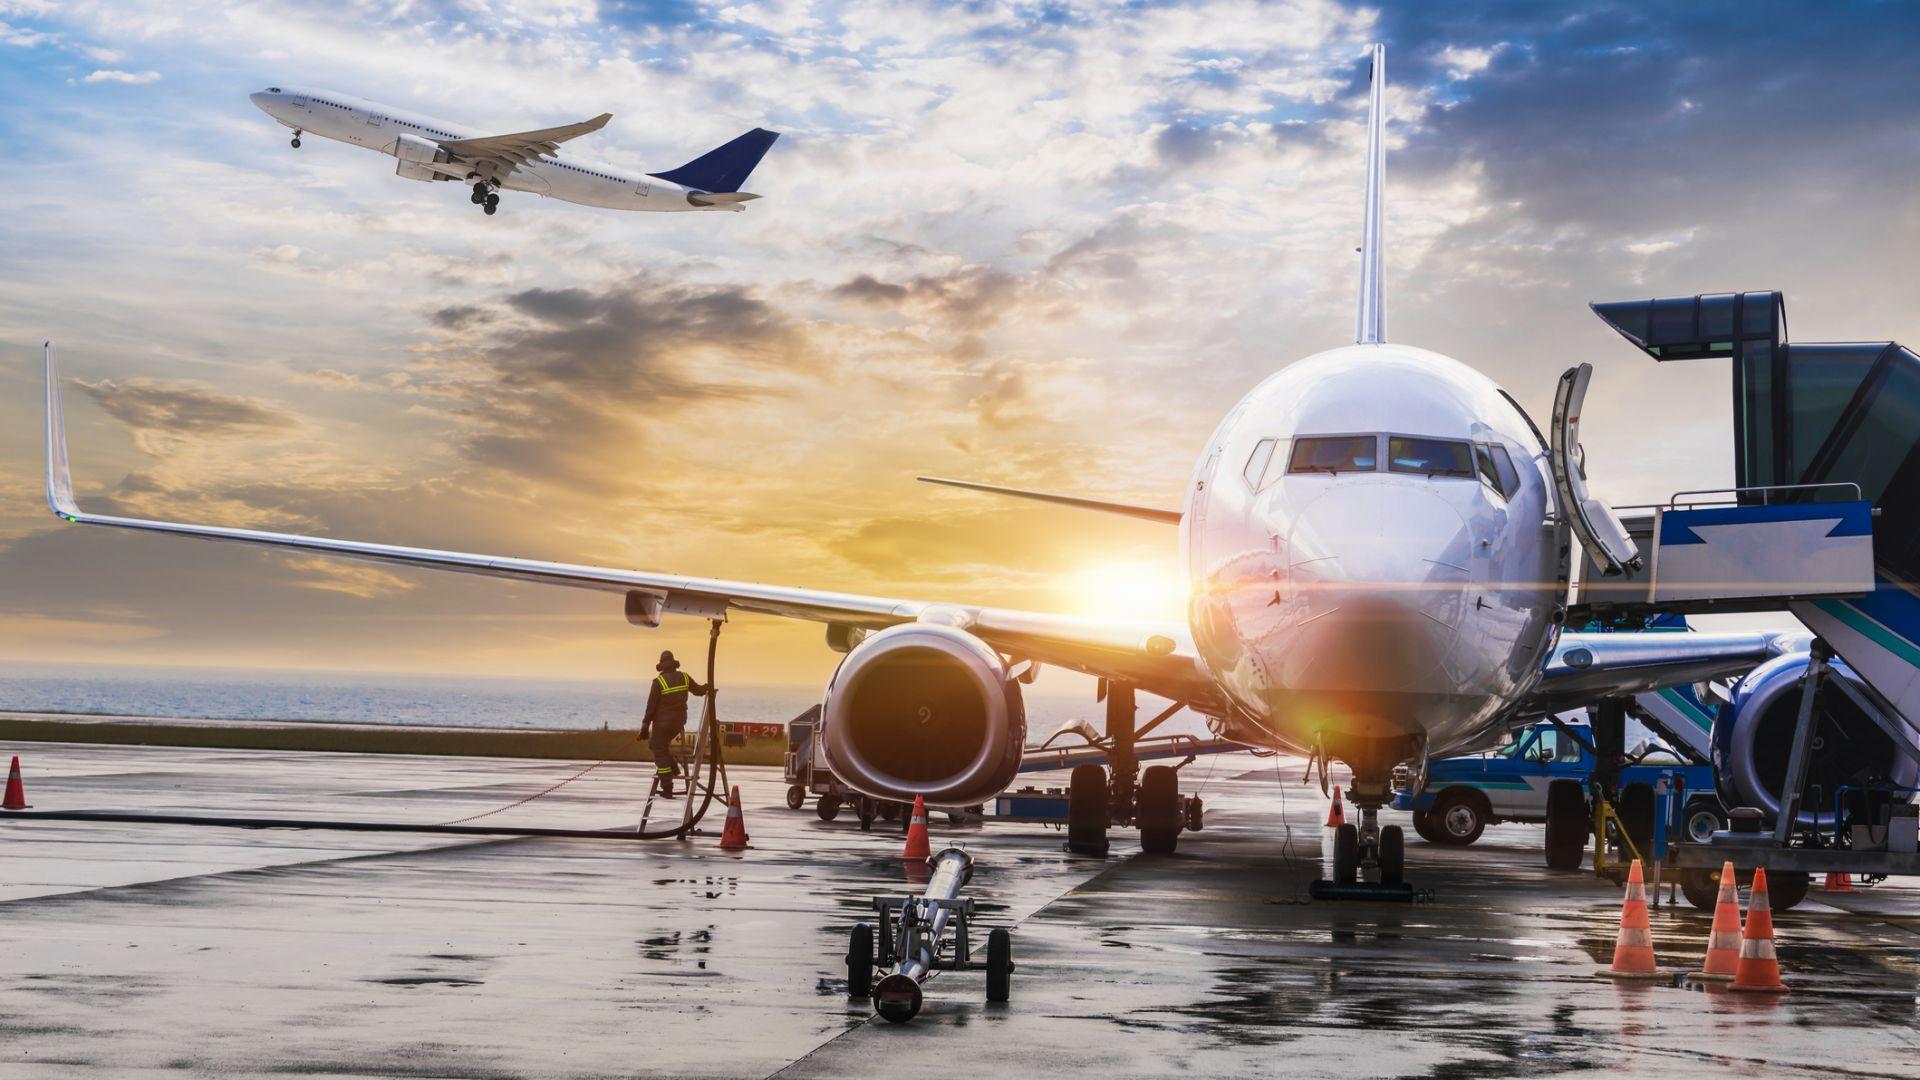 Френските законодатели ще забранят кратките вътрешни полети